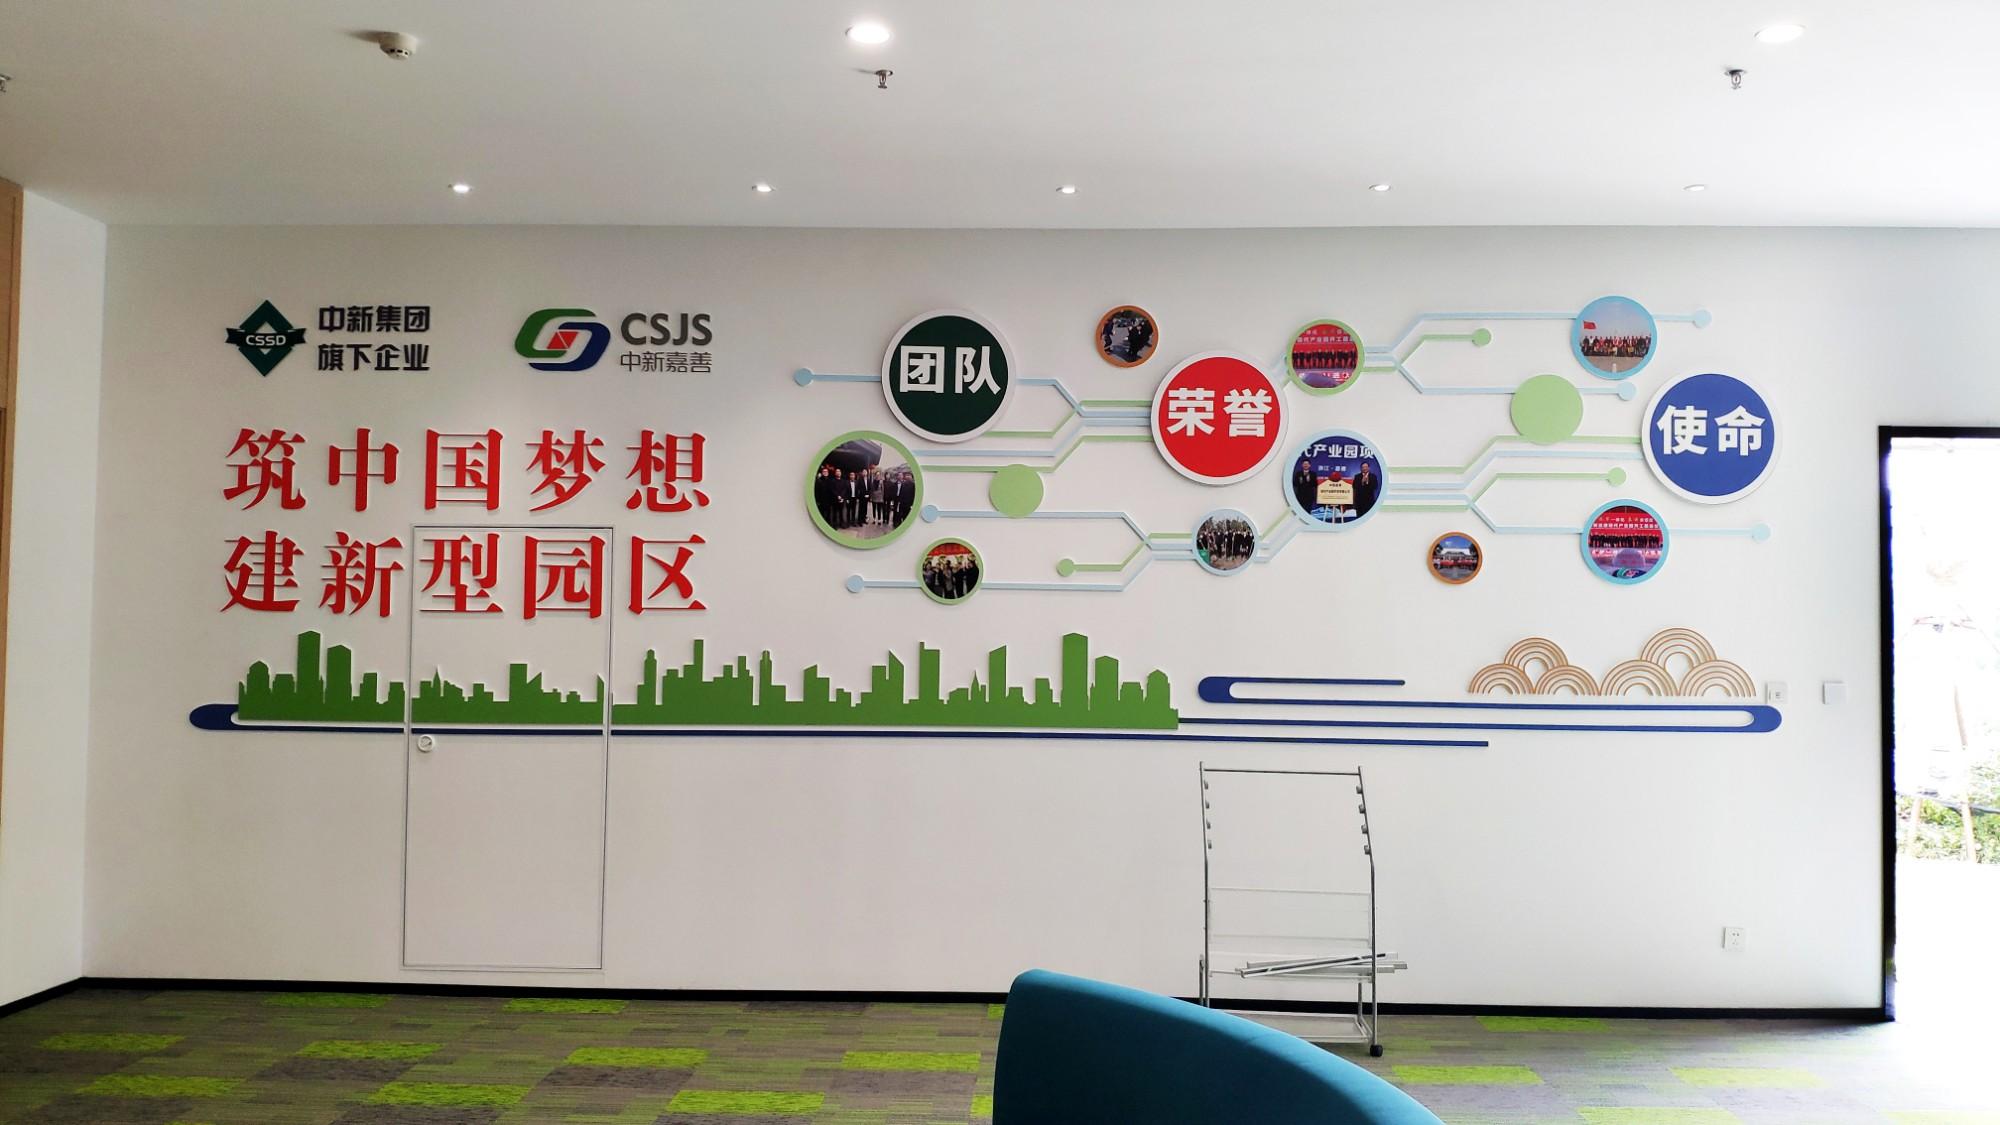 中新嘉善现代产业园文化墙设计